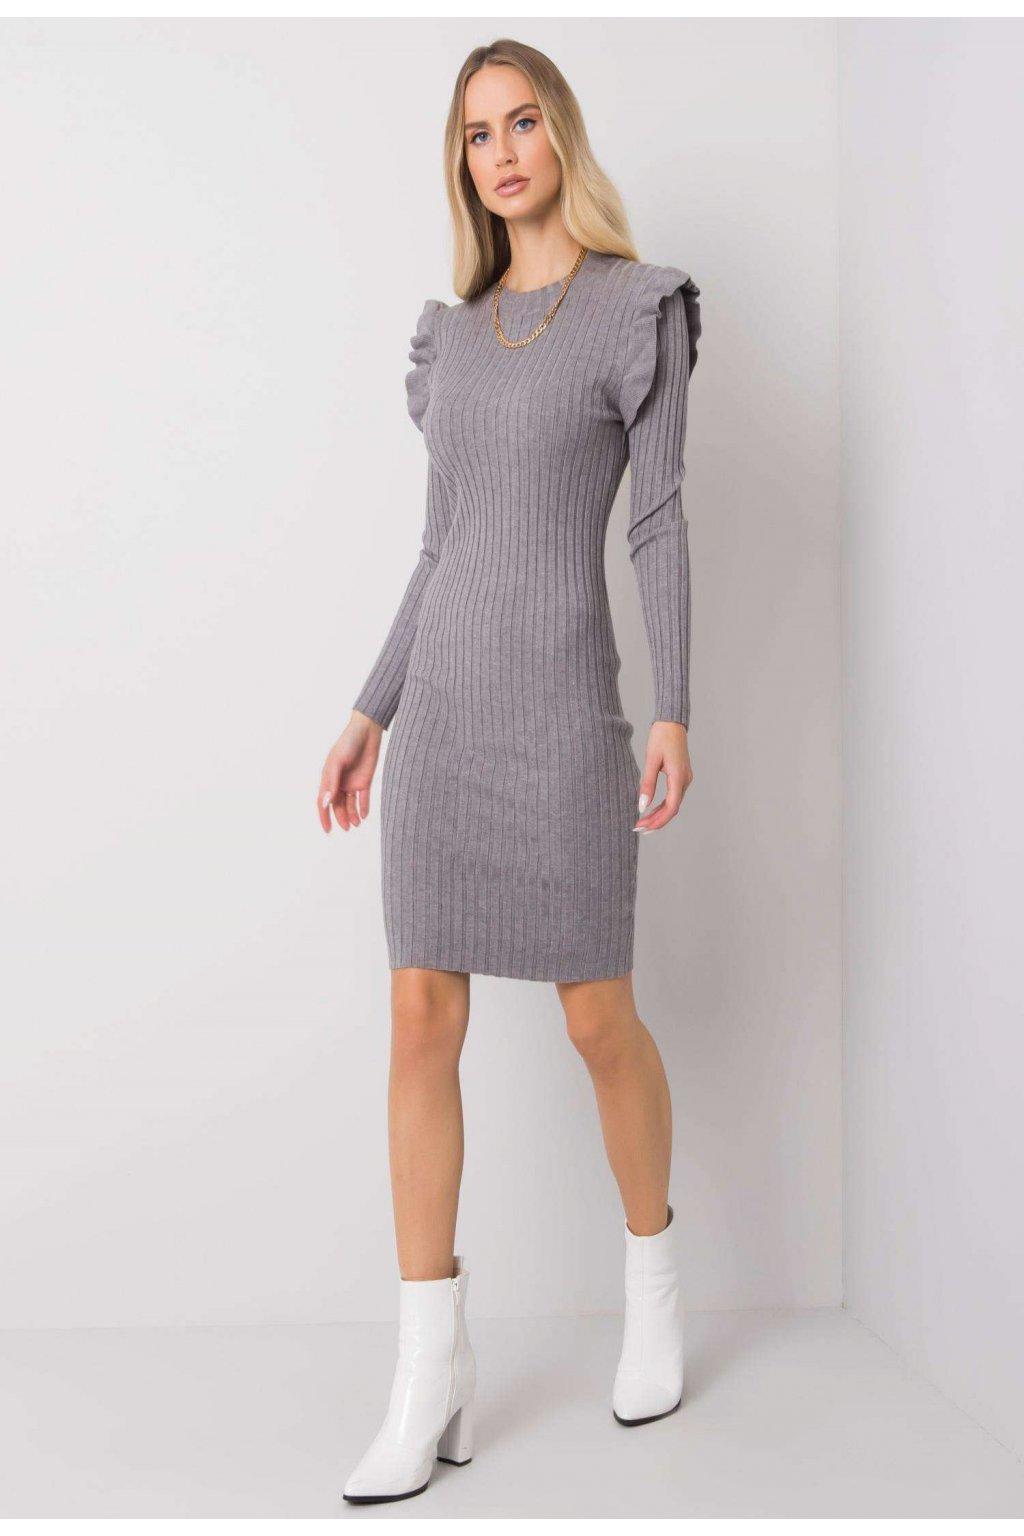 Šedé dámske šaty